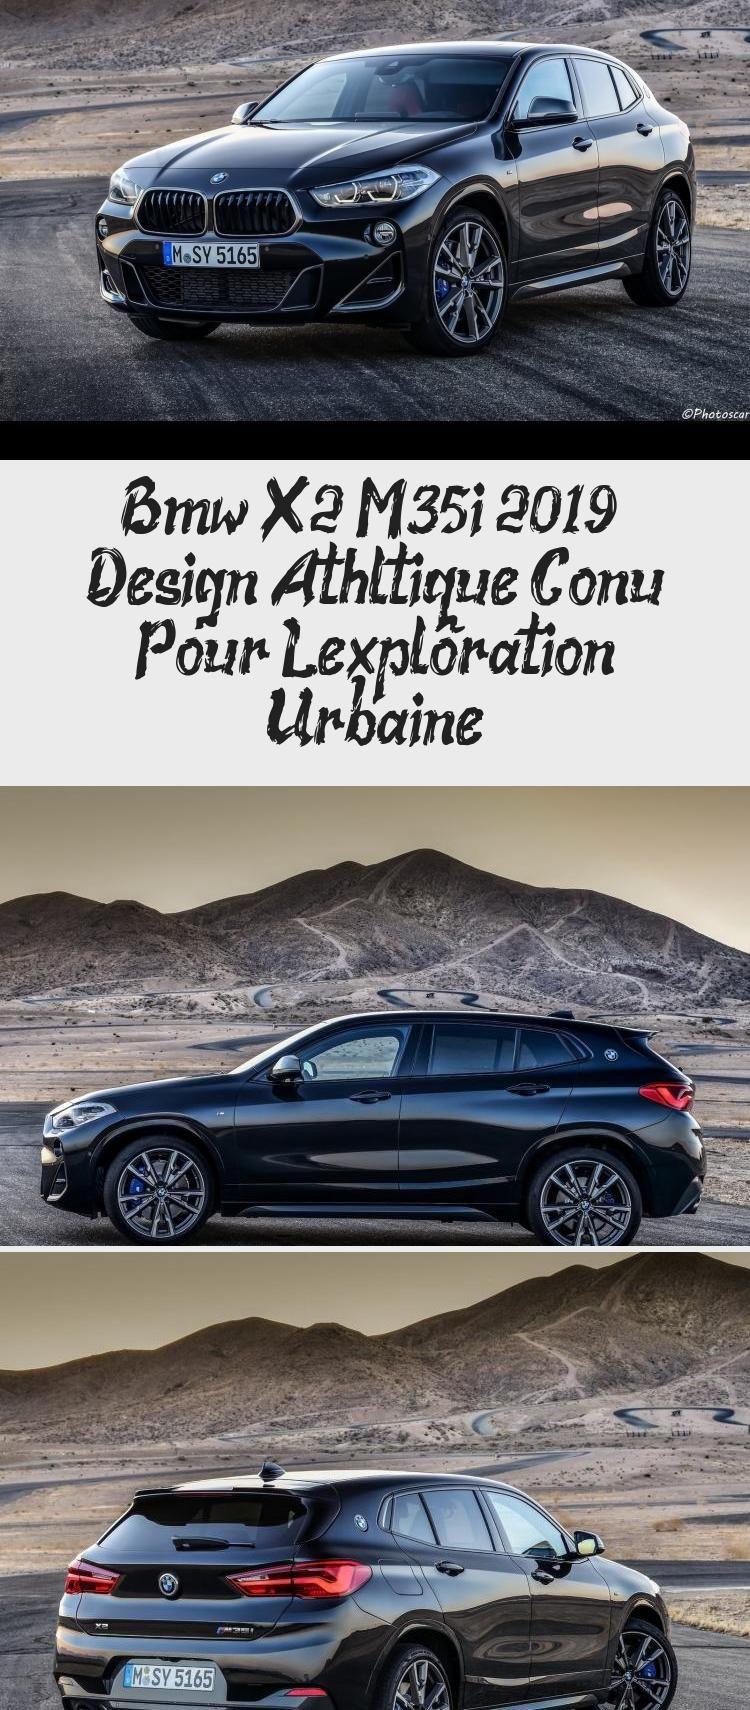 La nouvelle X2 M35i 2019 : la rebelle de la famille BMW. BMW a présenté le crossover X2 M35i, avec le quatre cylindres le plus puissant jamais produit et conçu à Munich. #carsForSale #Beautifulcars #Smallcars #carsDecorations #carsAesthetic